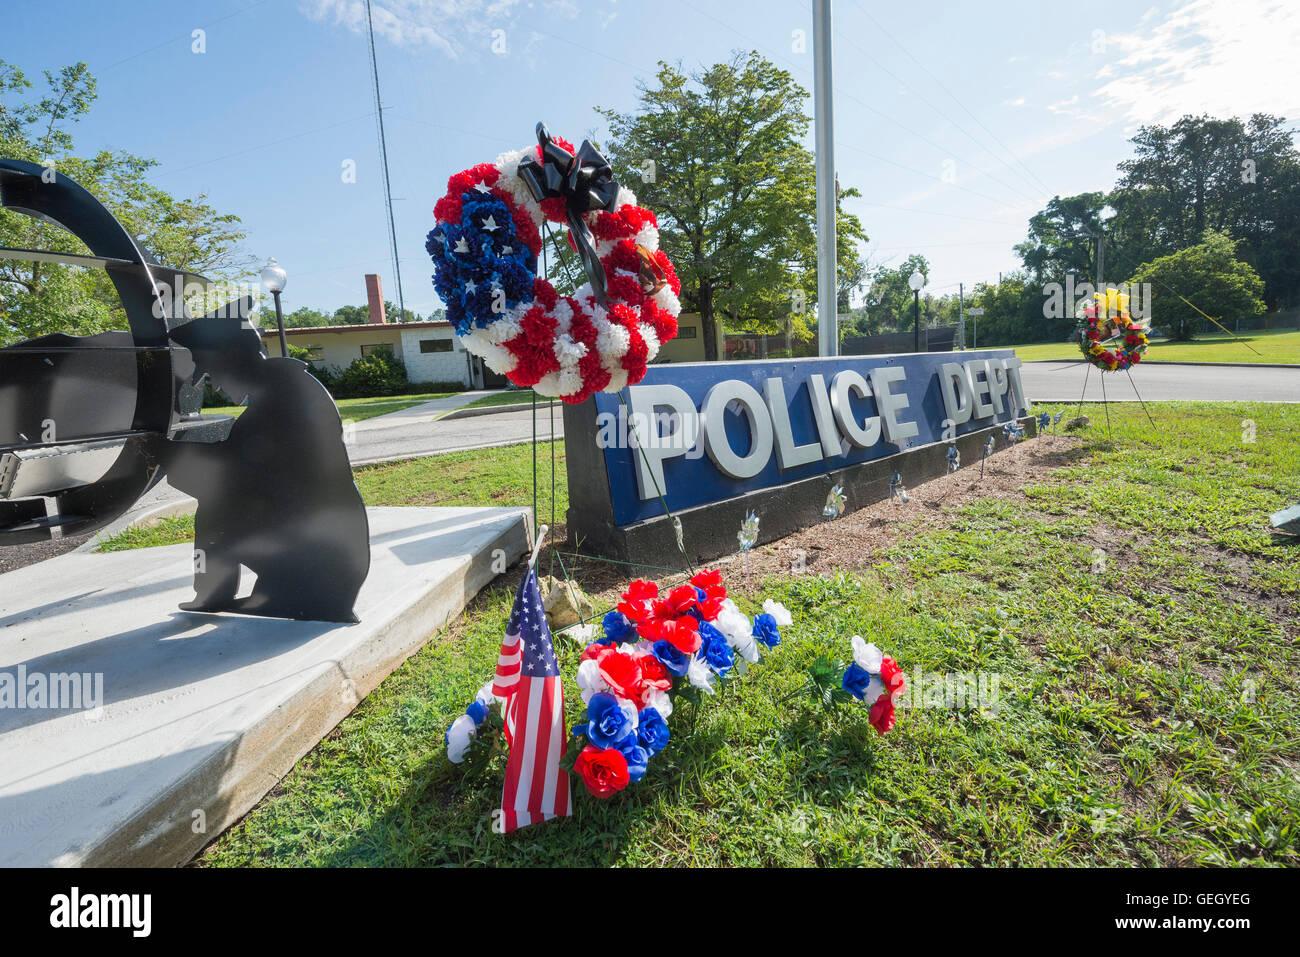 Le molle di alta, Florida stazione di polizia con composizioni floreali di solidarietà e simpatia per la caduta Immagini Stock